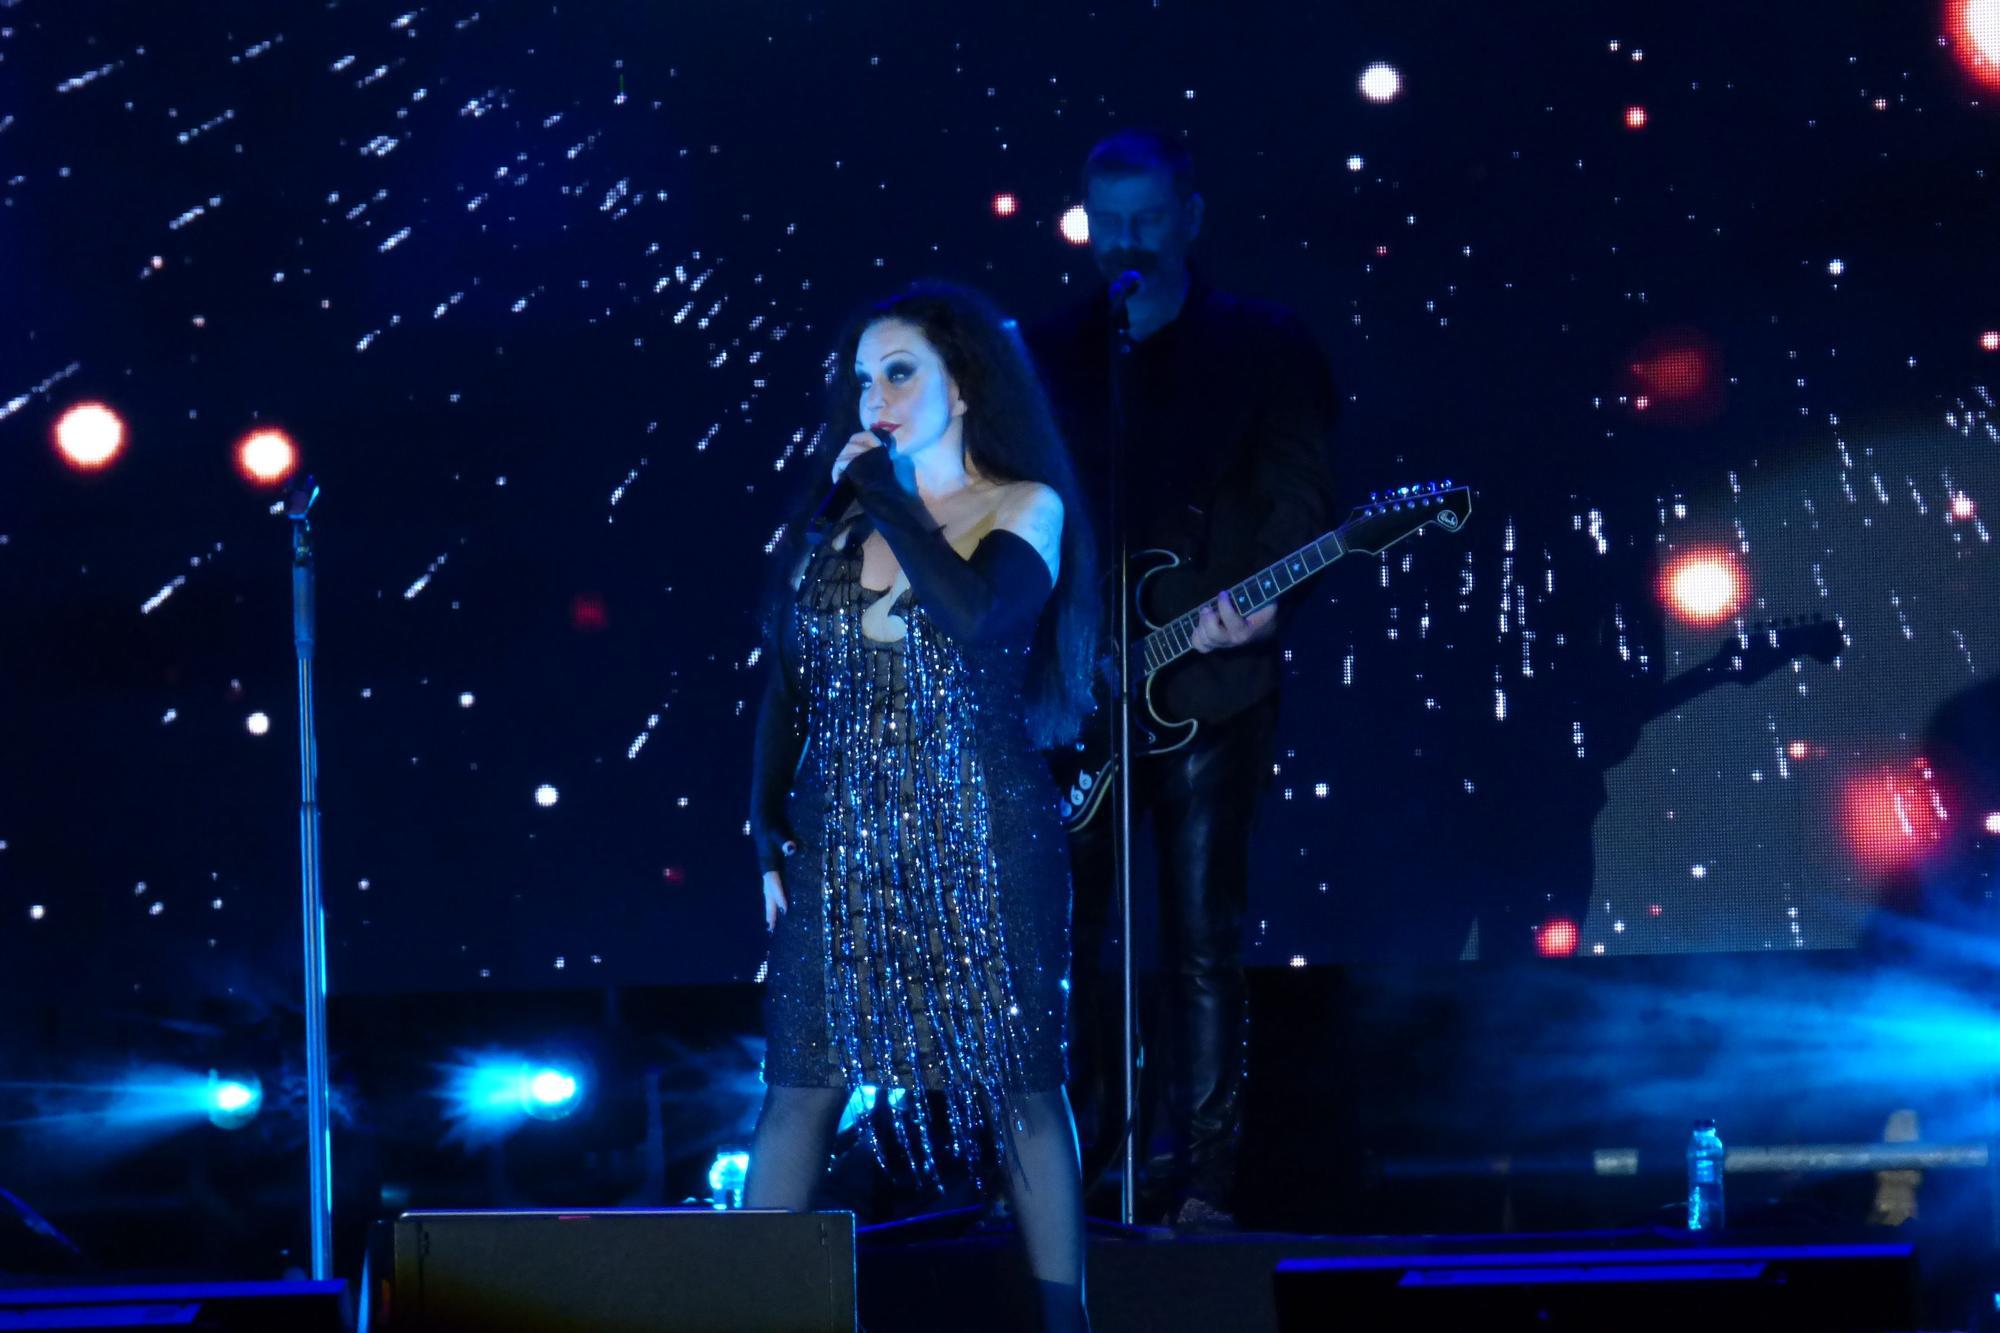 Concert apoteòsic de Fangoria a la Ciutadella de Roses en el marc del festival Sons del Món